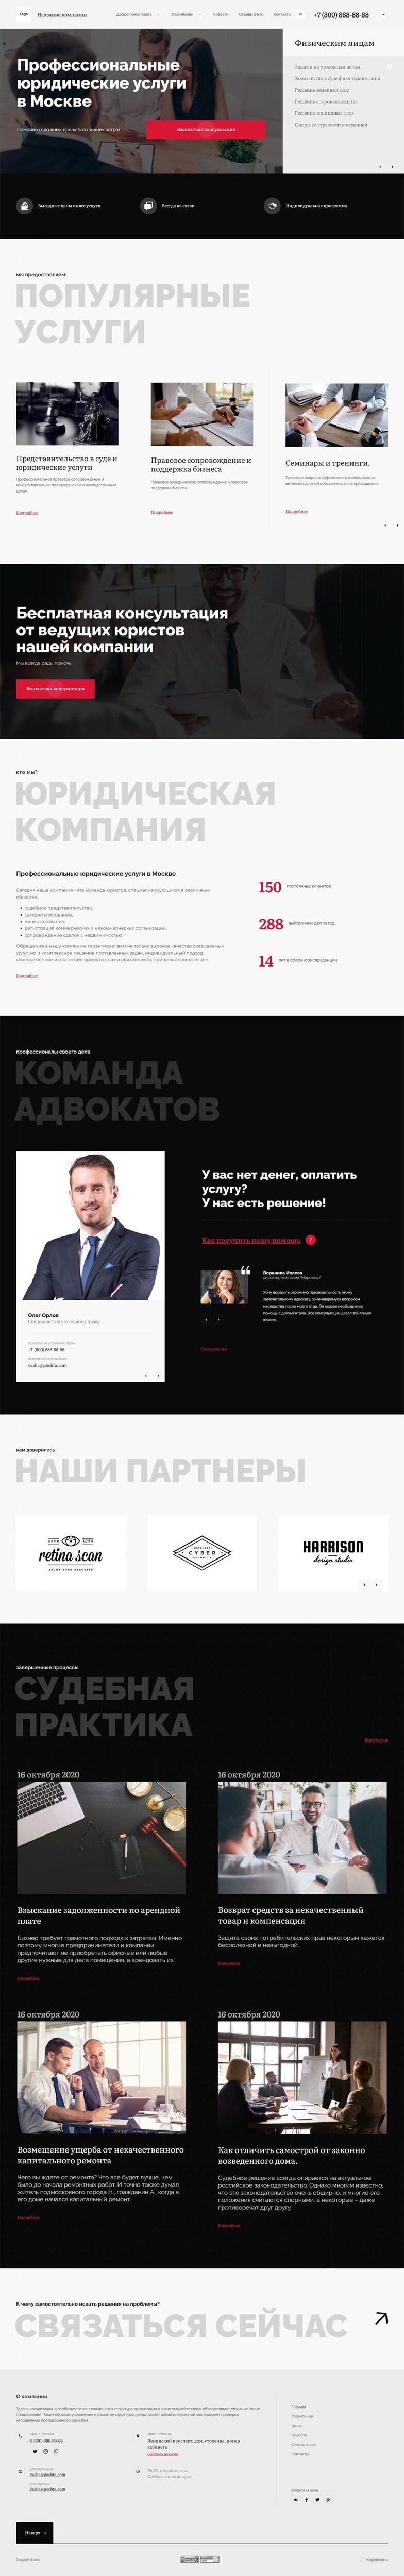 Готовый Сайт-Бизнес #2832972 - Юридические и адвокатские услуги (Главная версия 2)